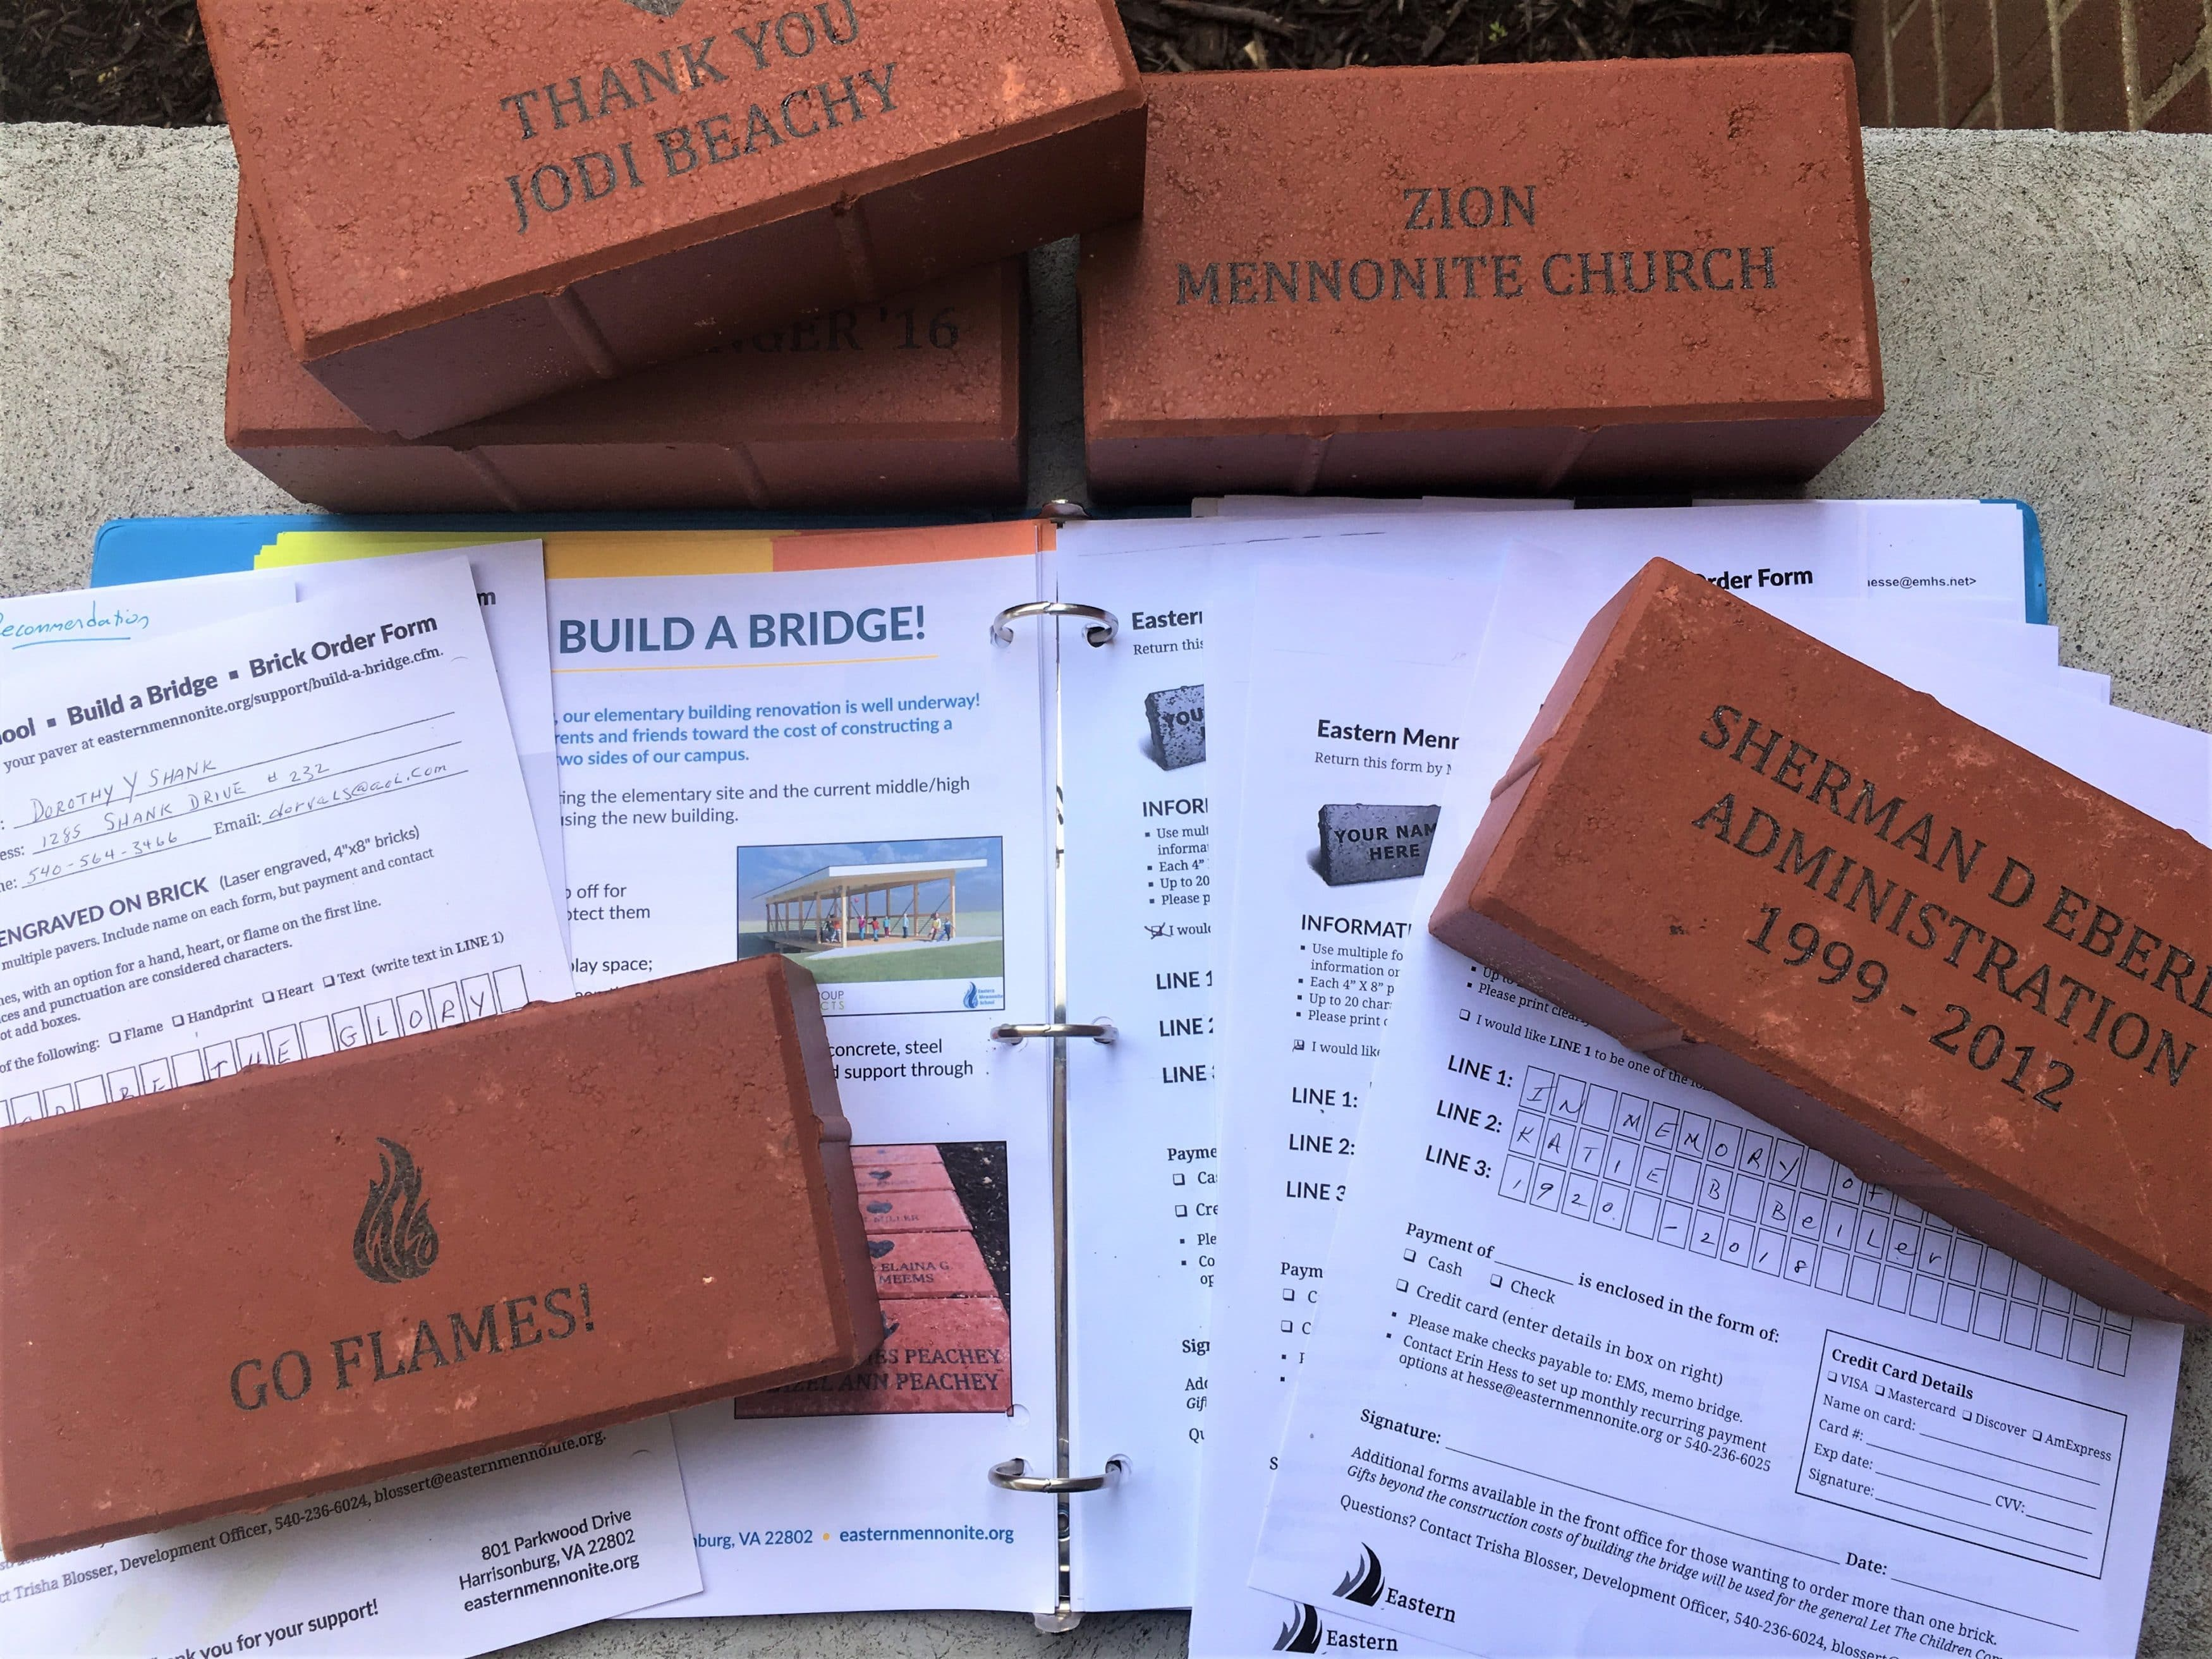 Bricks for bridge